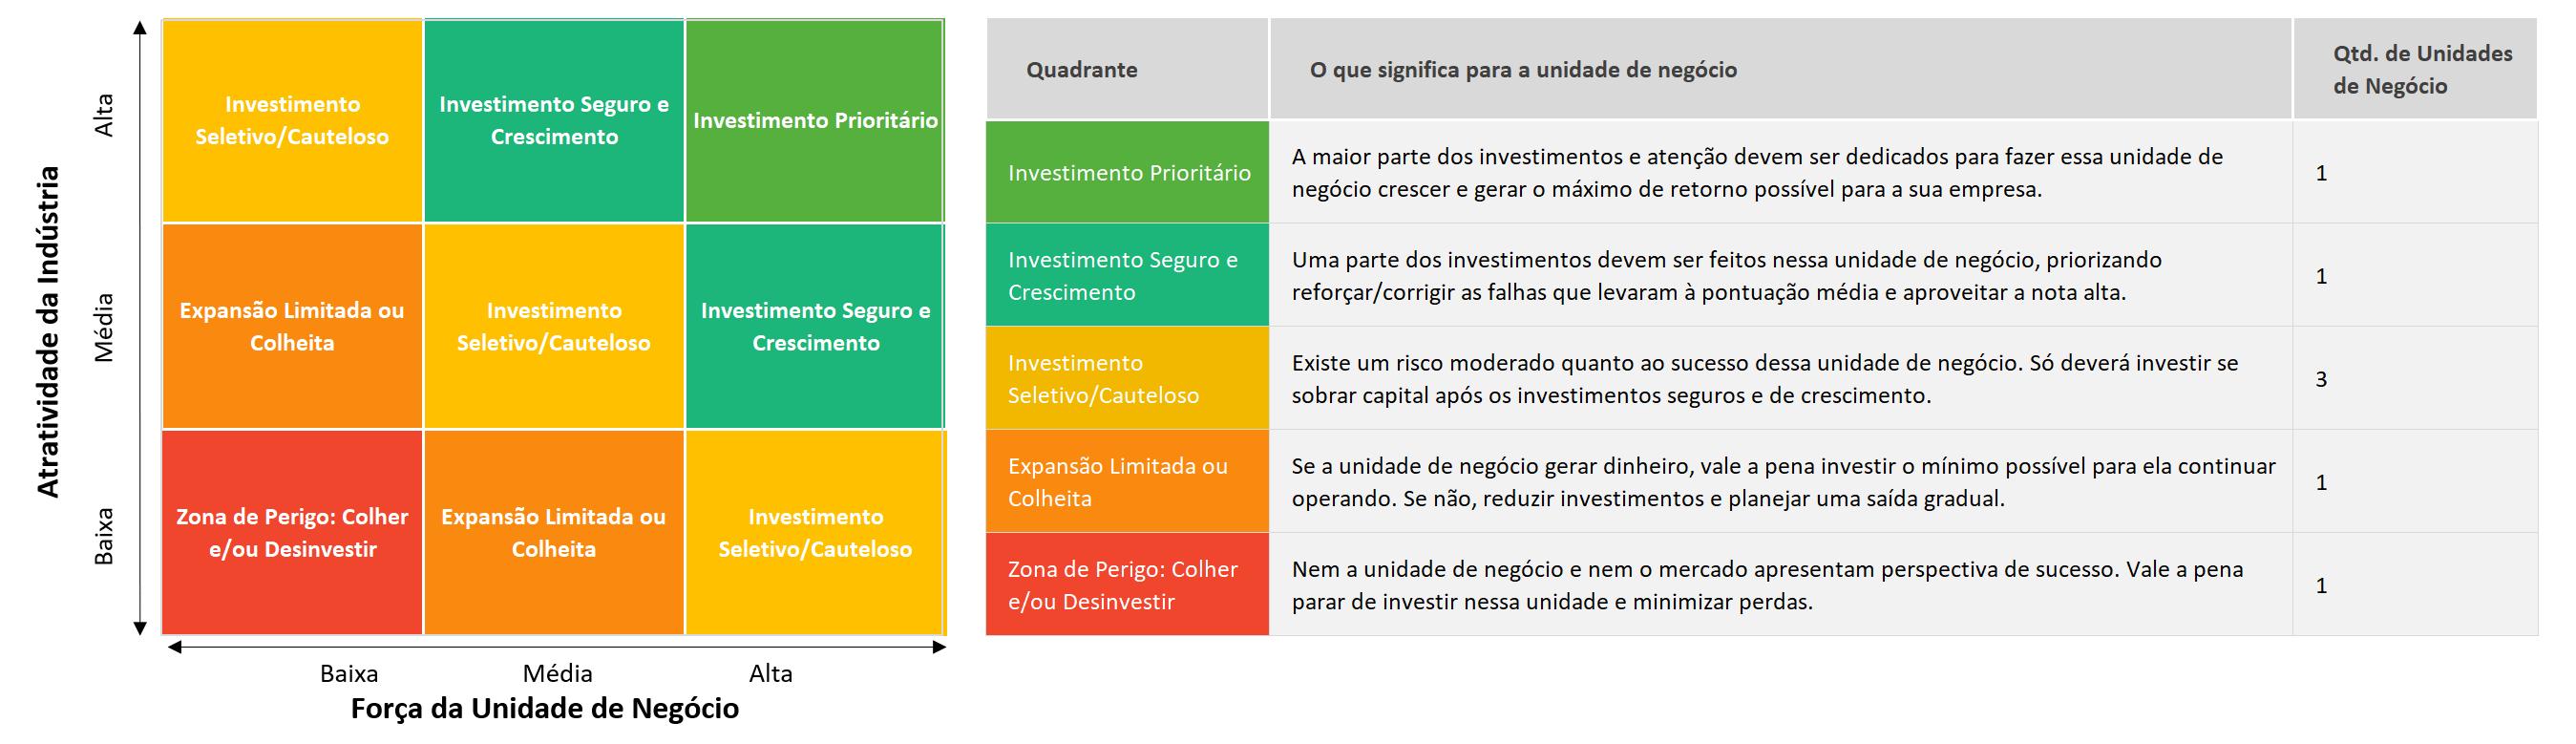 Matriz GE/Mckinsey: O que é e Como Usar 2